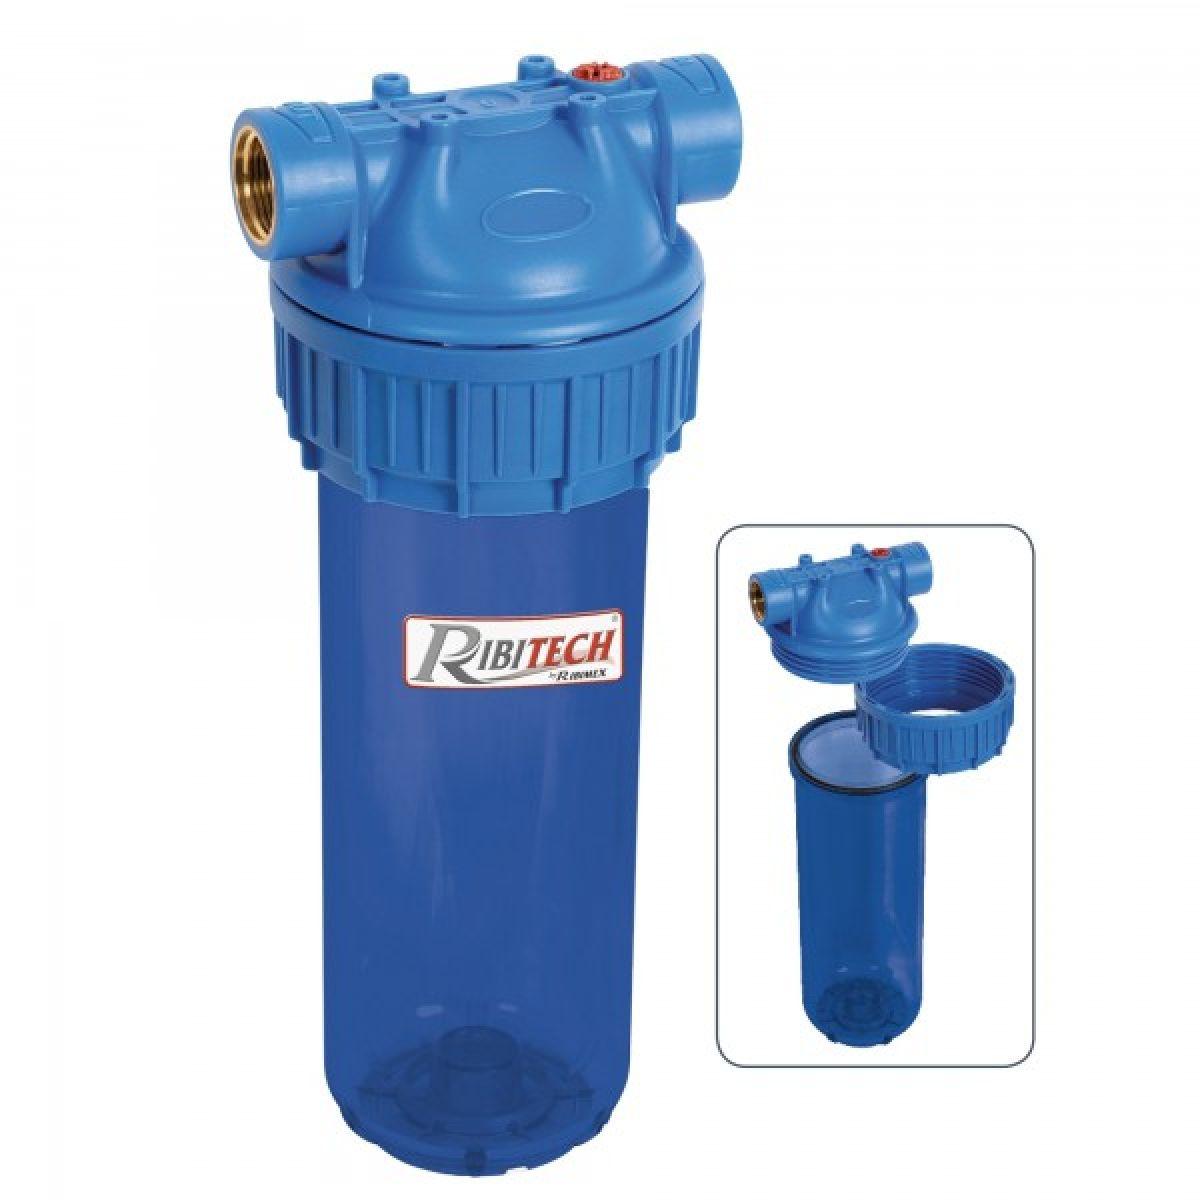 Filtro 3 pezzi da montare sull'alimentazione d'acqua